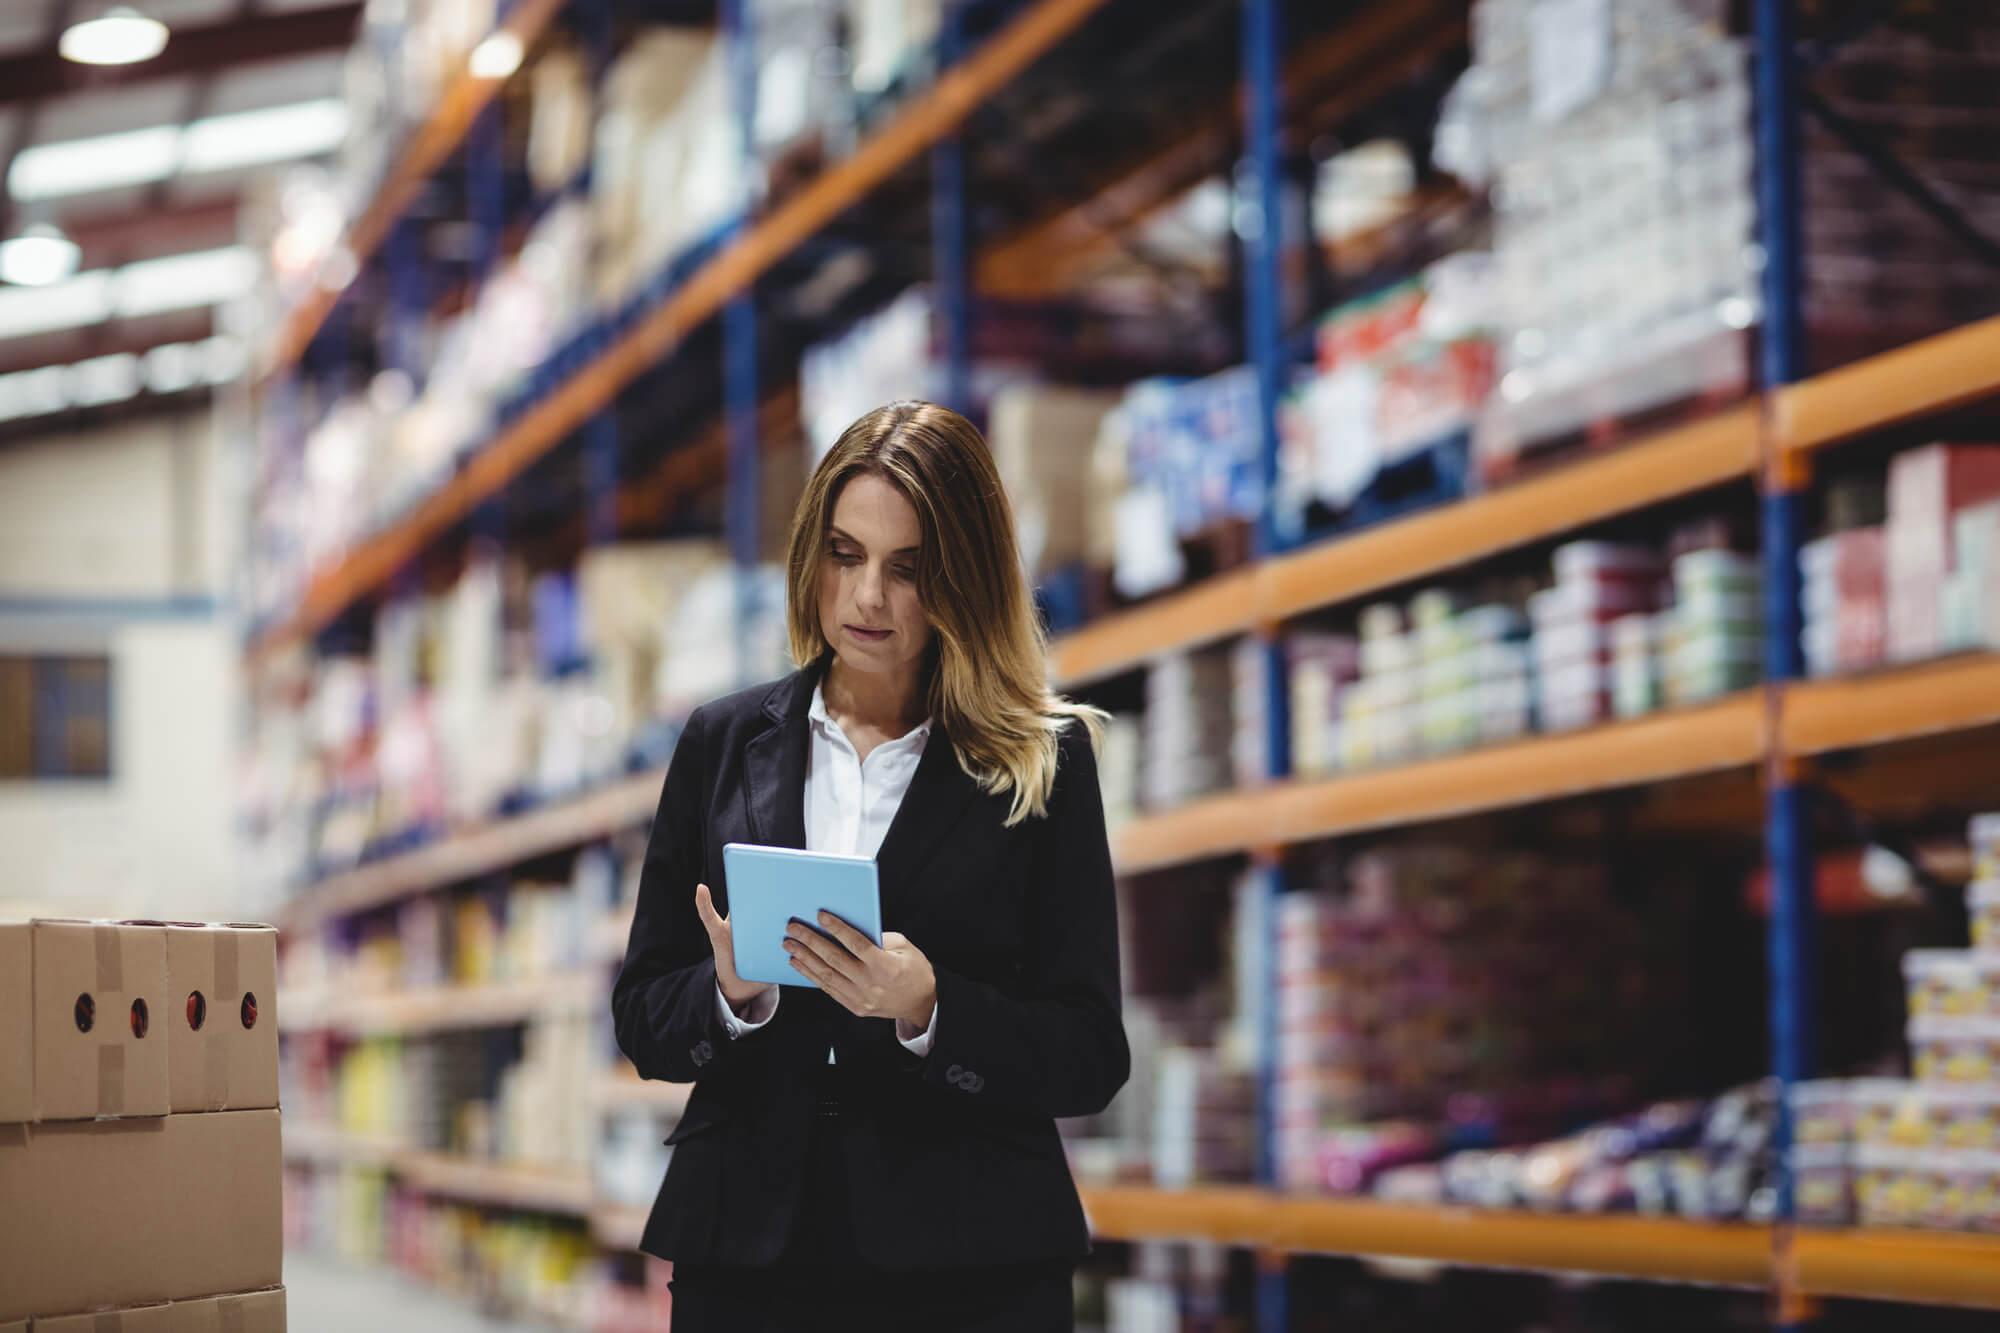 Checklist de manutenção na gestão de supermercados: saiba o que fazer